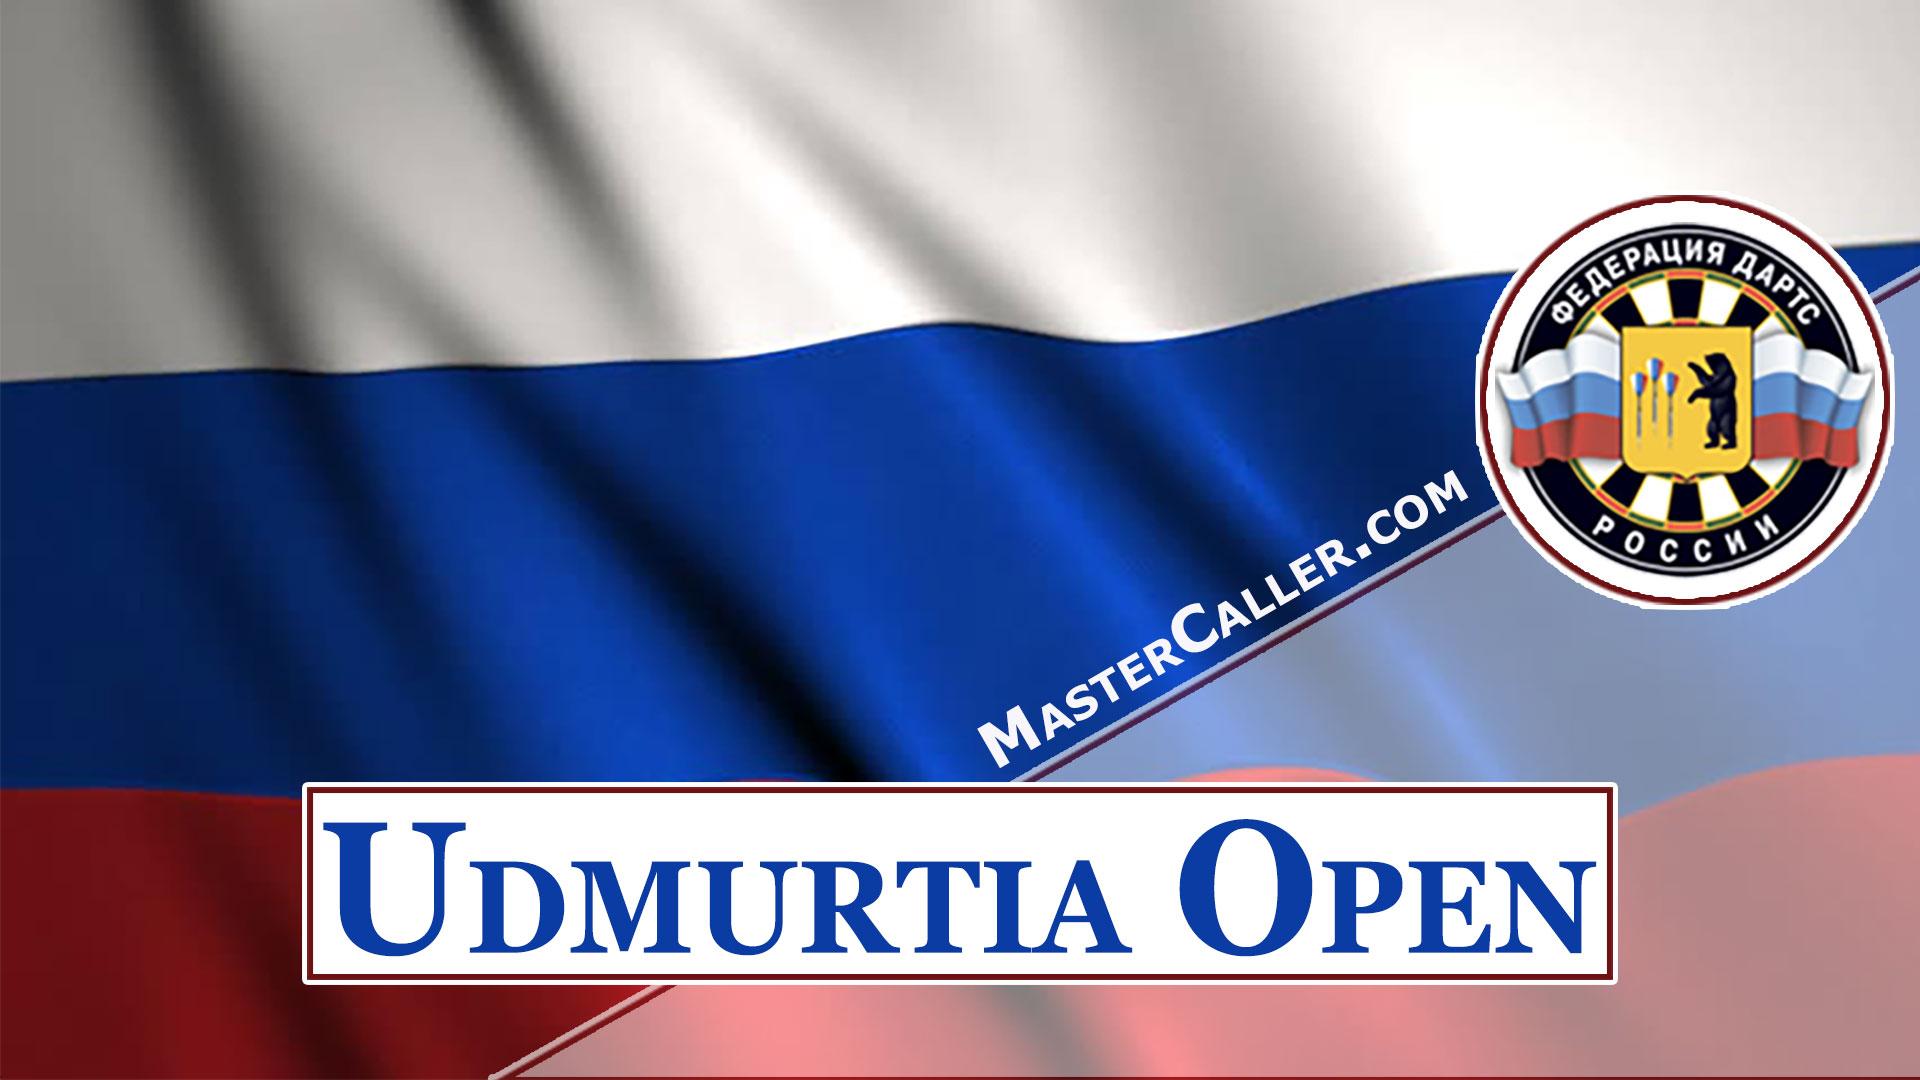 Udmurtia Open Men - 2021 Logo